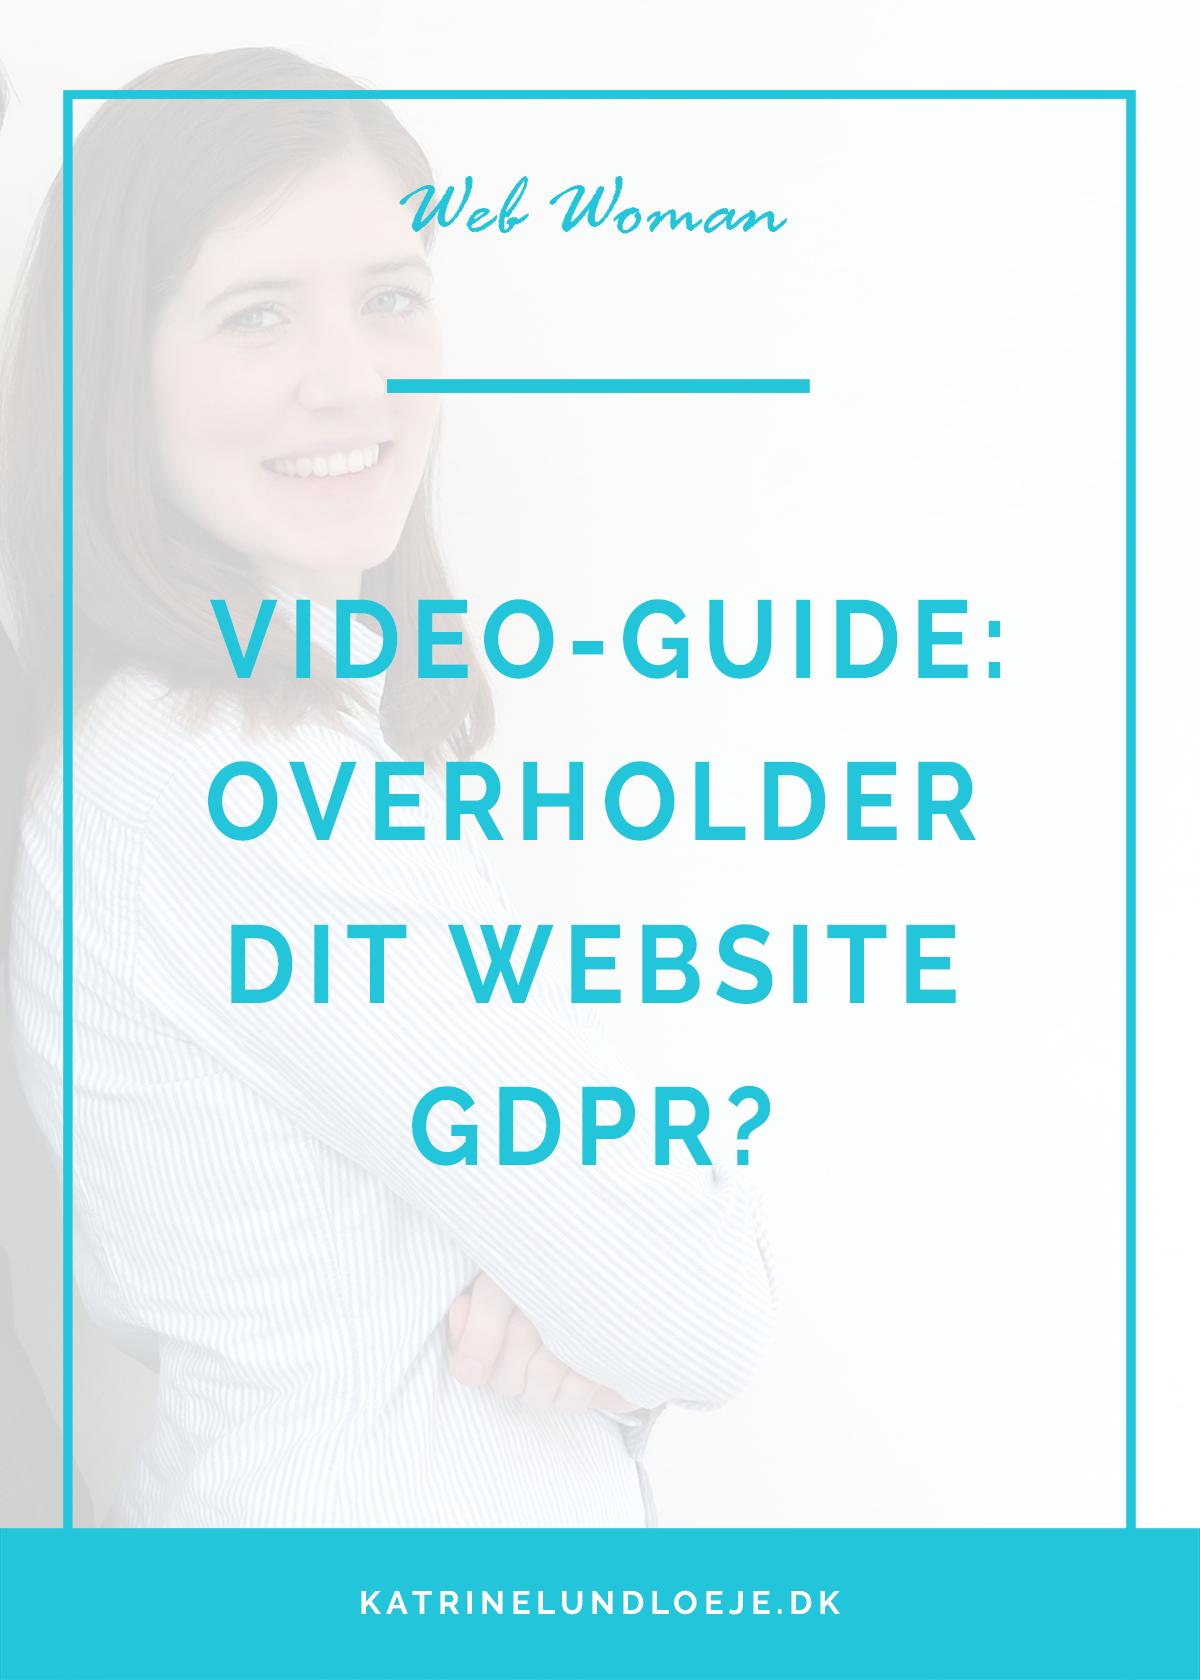 overholder dit website gdpr?